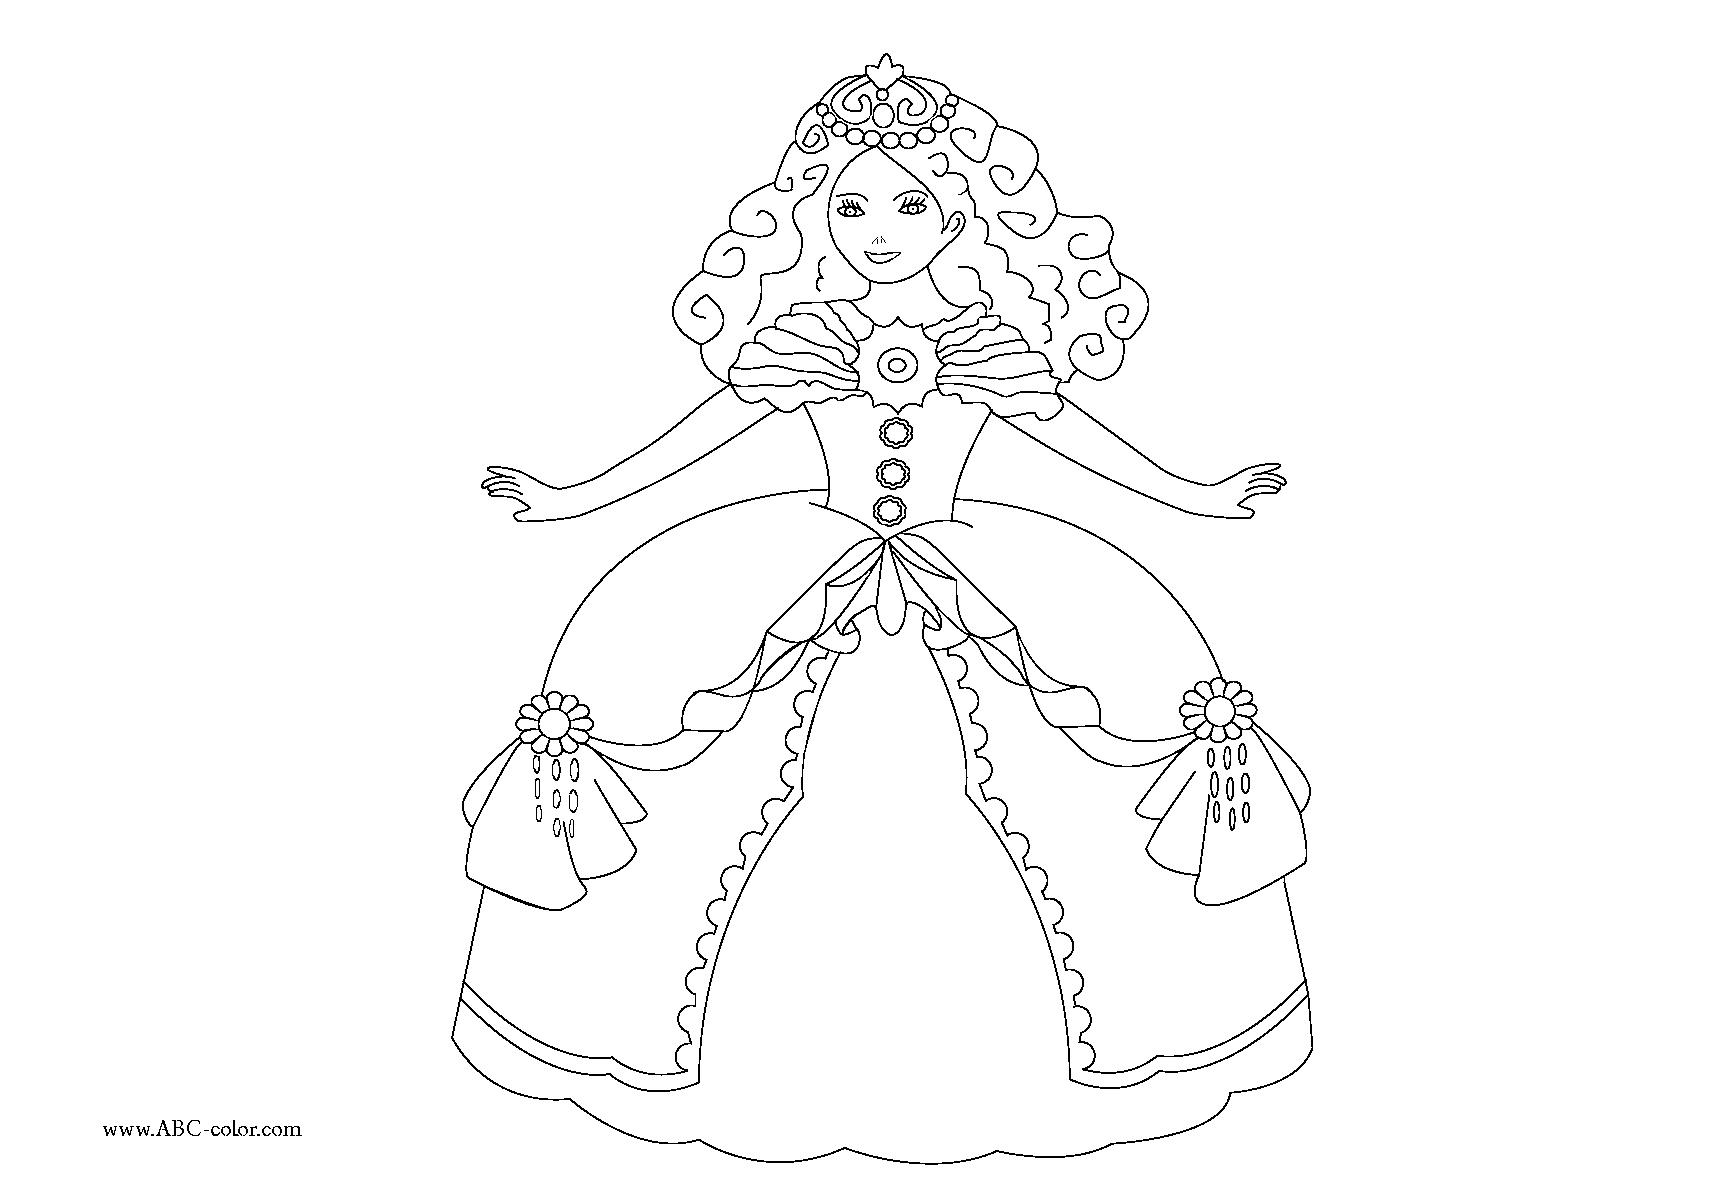 142 dibujos de princesa para colorear oh kids page 1 - Jeux de fille coloriage ...